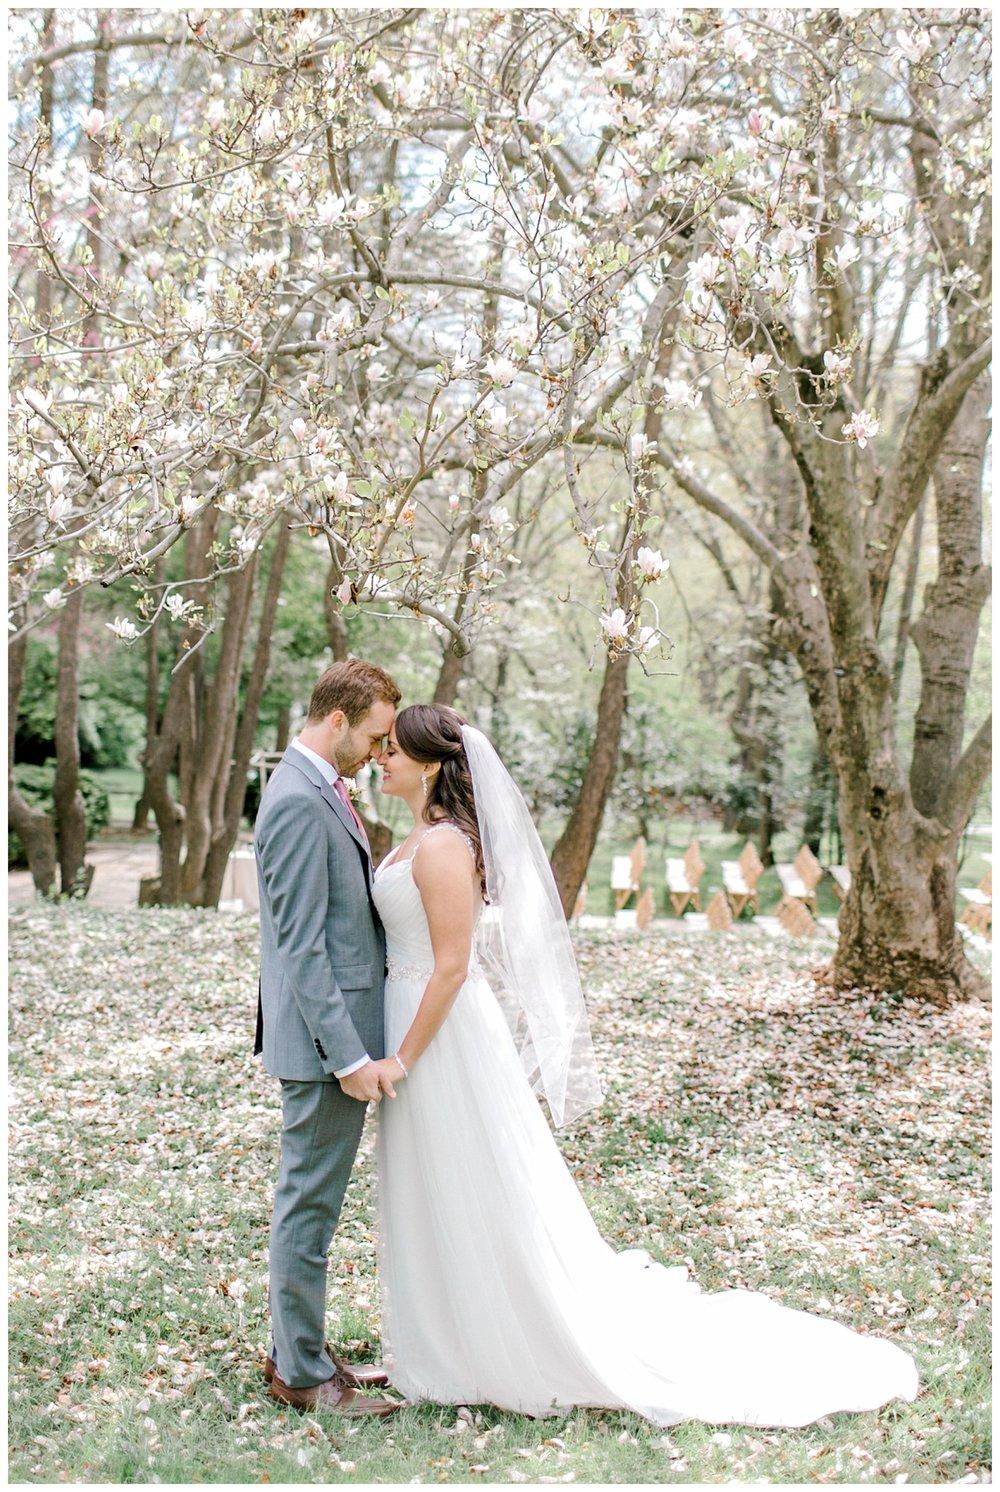 Woodend Nature Sanctuary Wedding Maryland Wedding Photographer_0042.jpg